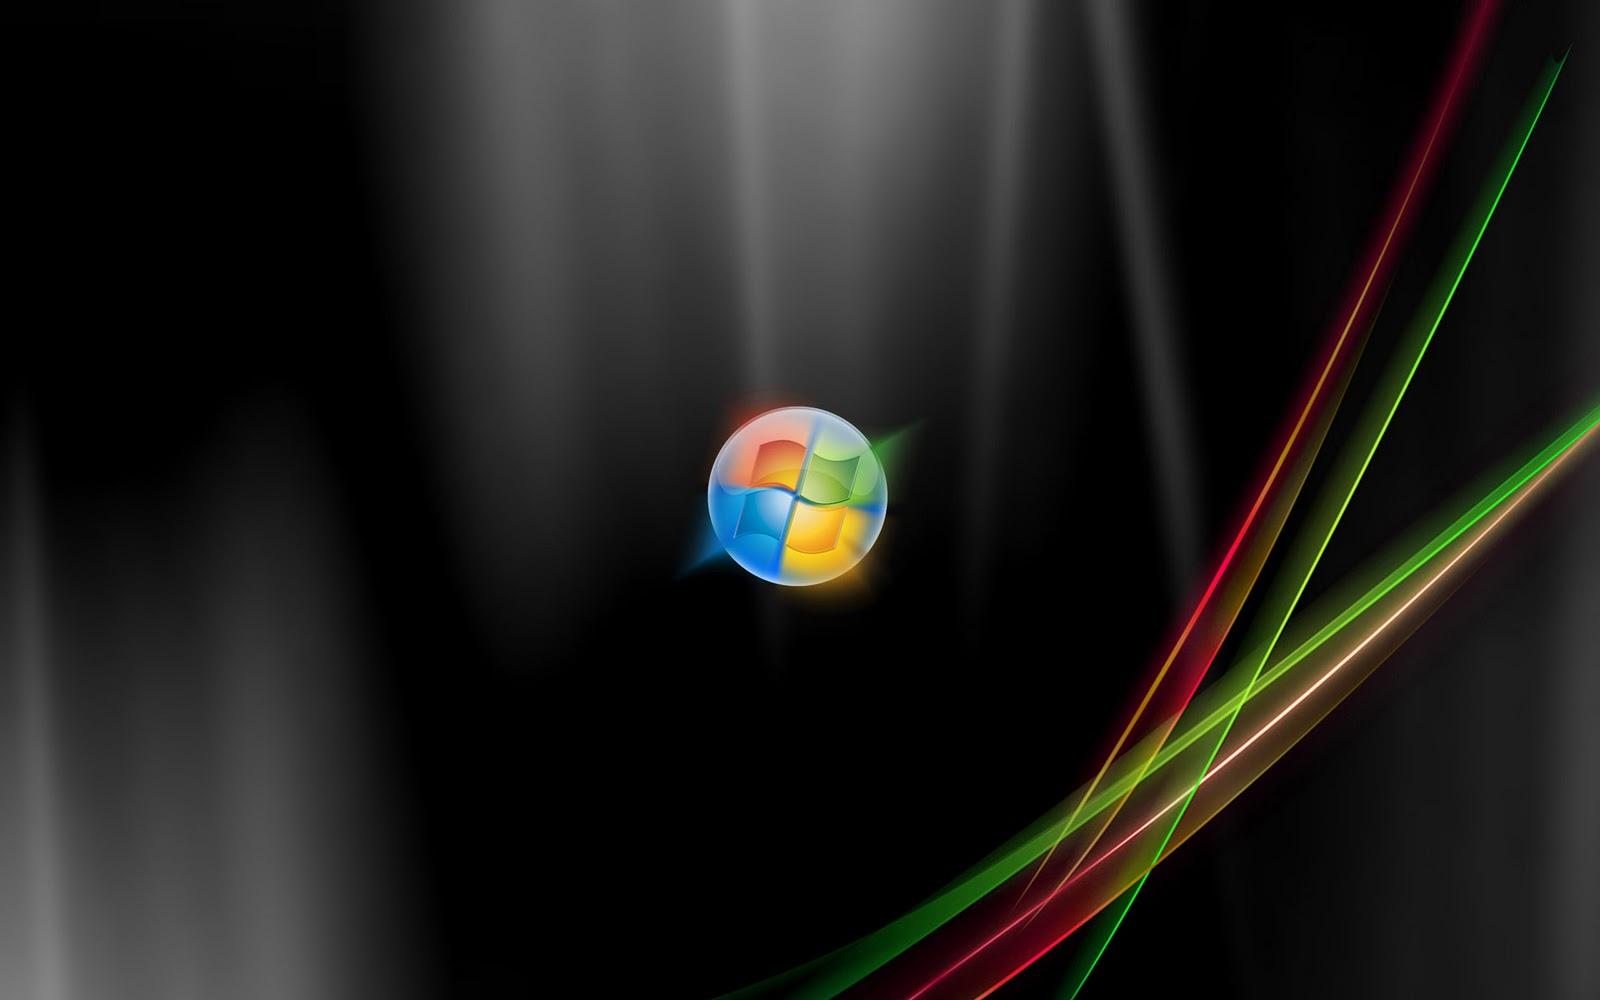 http://3.bp.blogspot.com/-bnCrsnHDy2I/TWZ-YrWMDXI/AAAAAAAAAmQ/YHMimUmLJKc/s1600/Vista+Wallpaper+%252858%2529.jpg